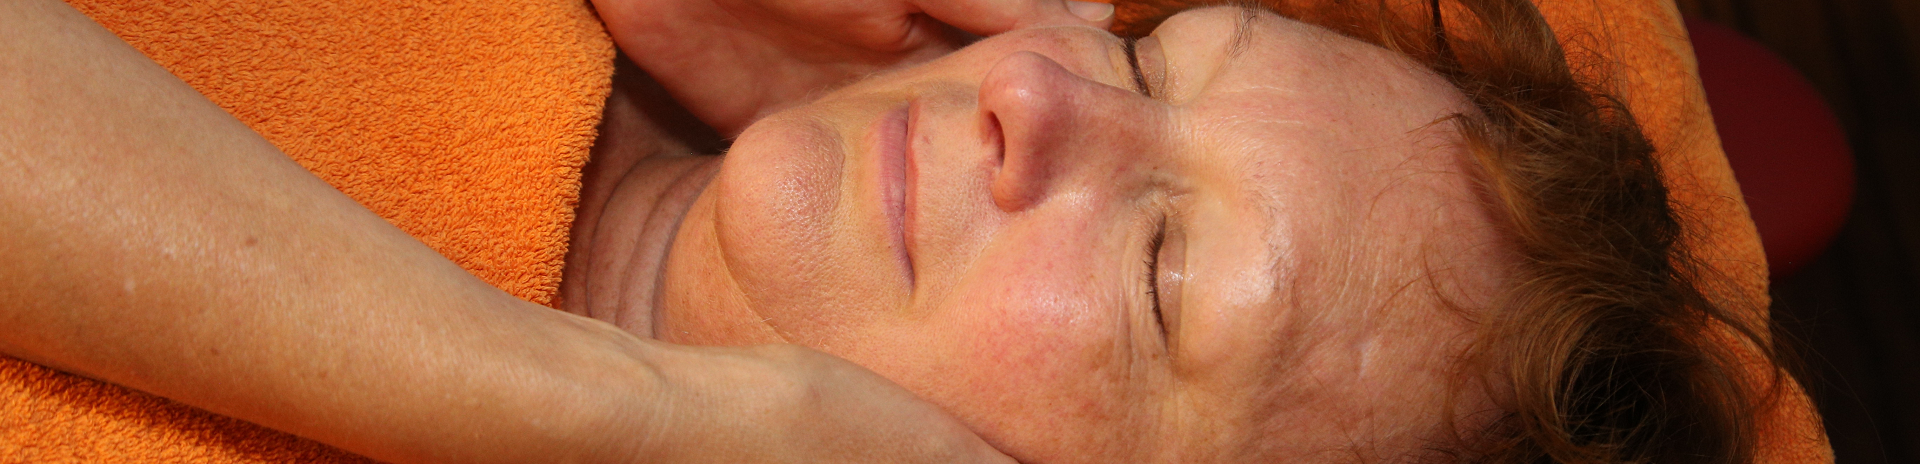 Kosmetik im Zentrum der Pflege und Gesundheit Lisa Kreuzmayr